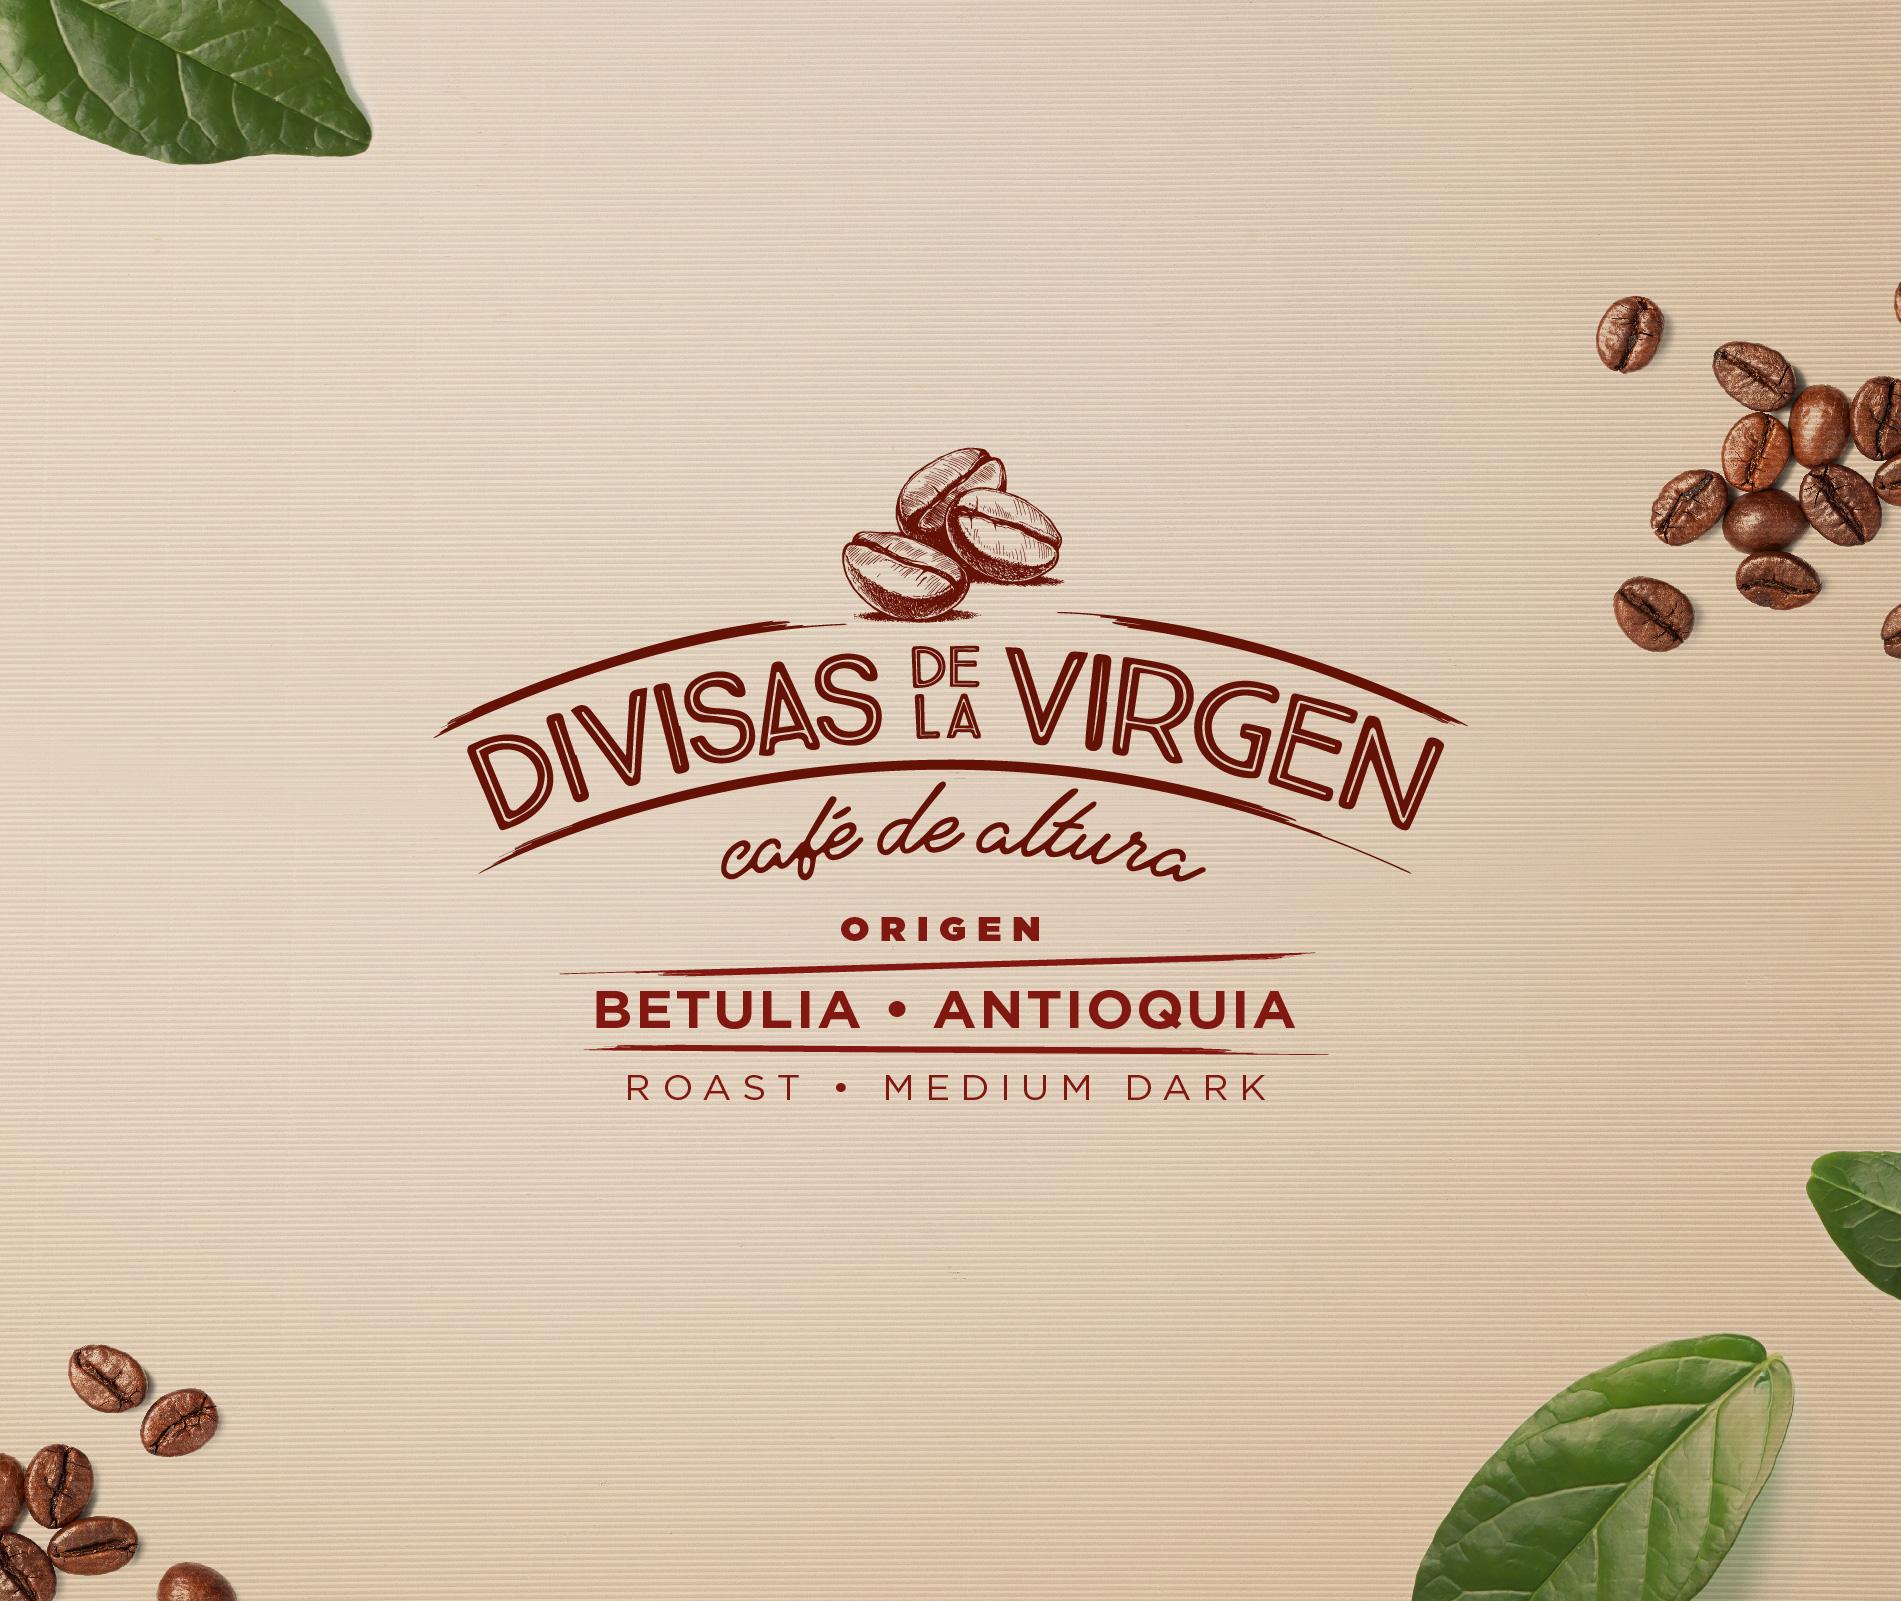 logopack - Divisas De La Virgen1.jpg